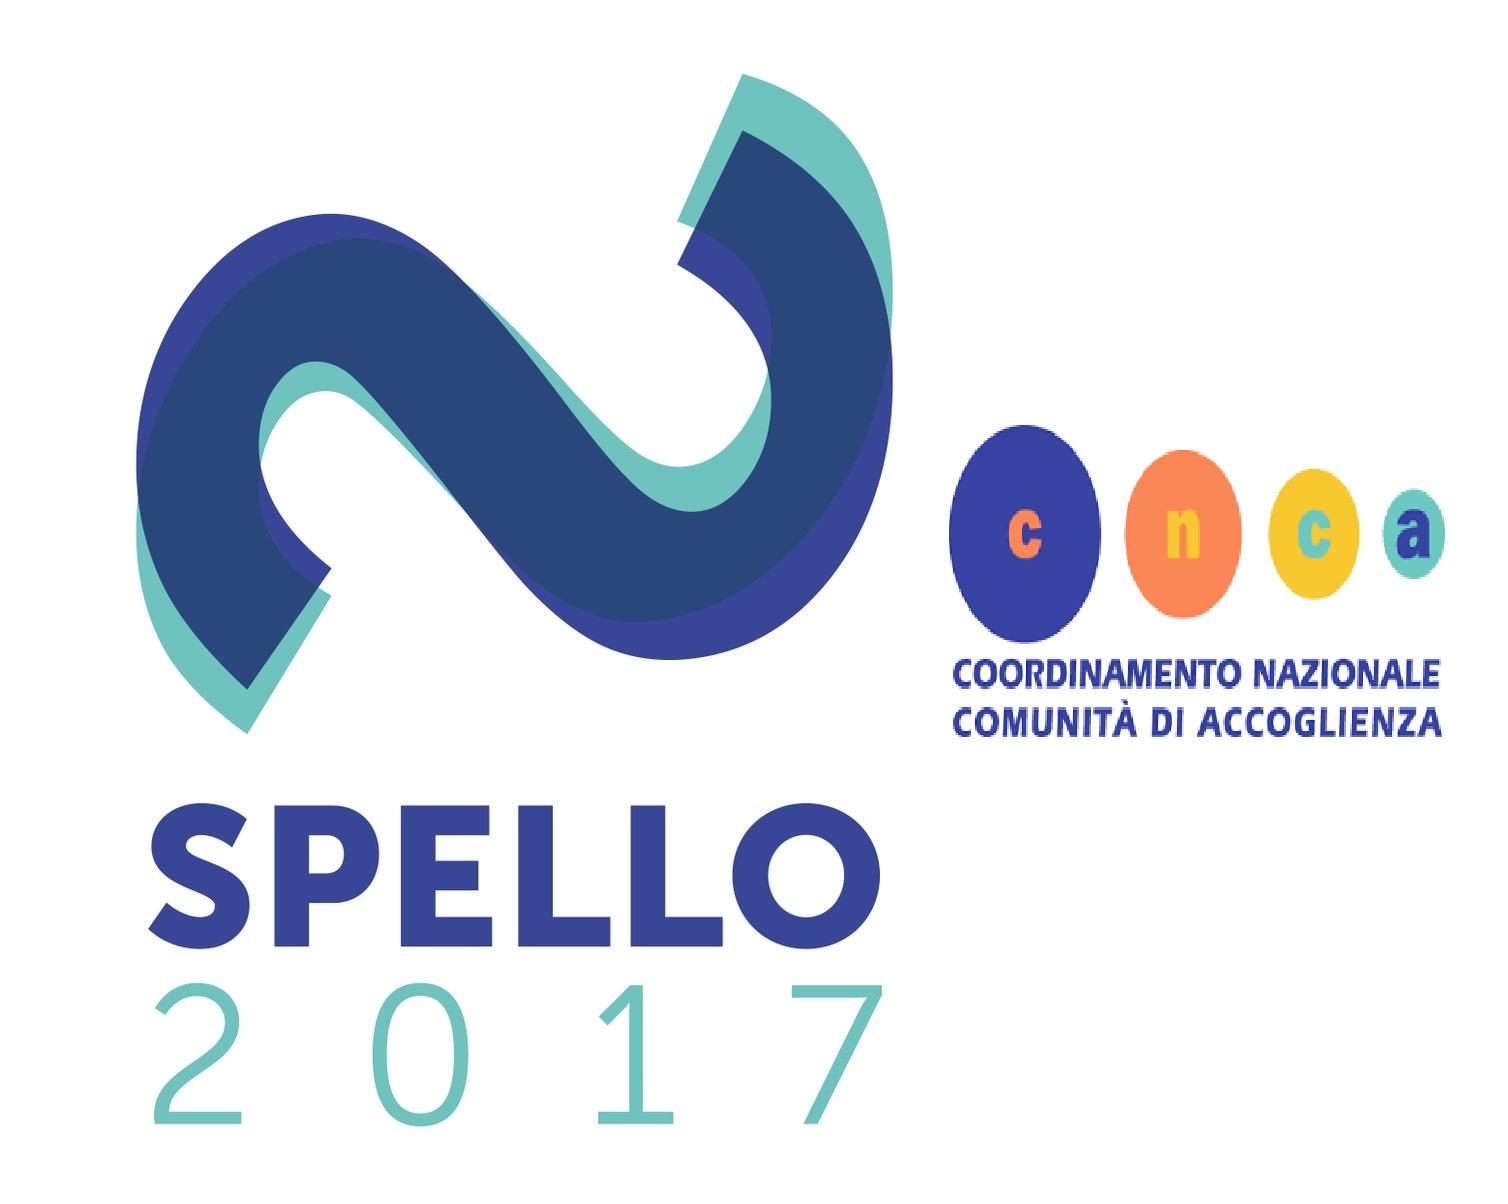 Spello, 2017